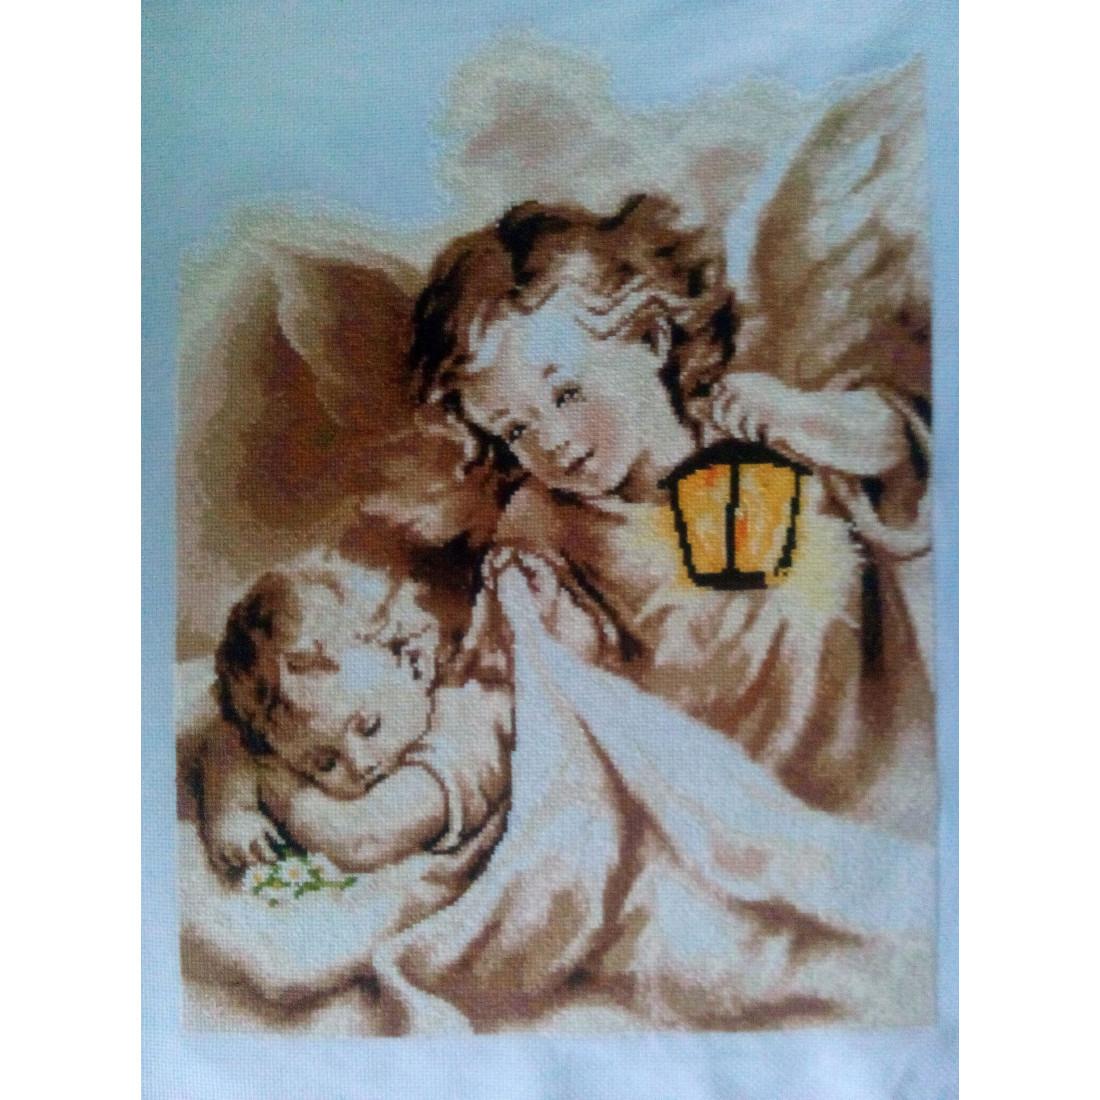 Anioł w śnie